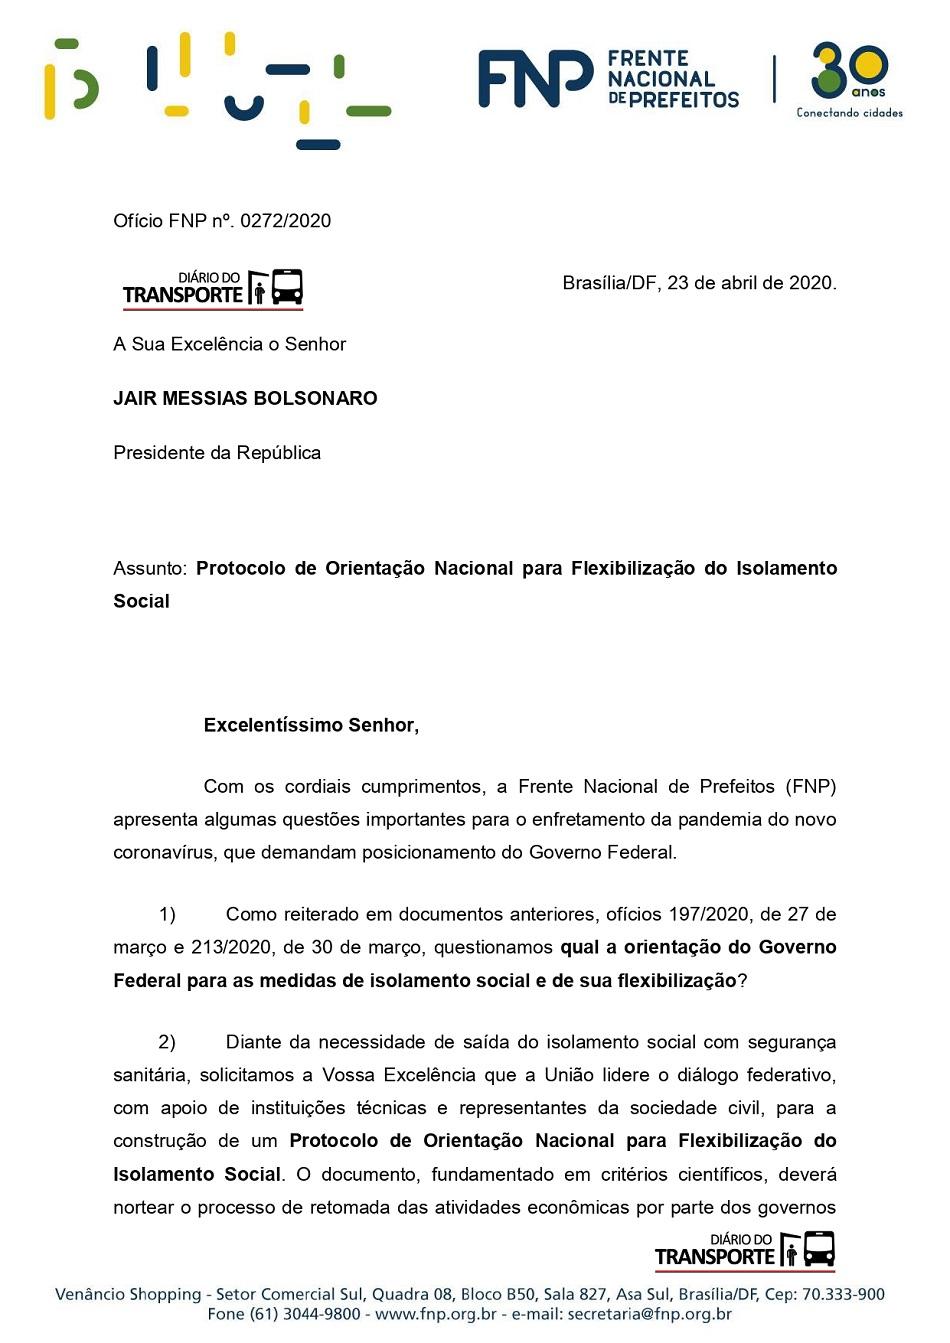 Ofício FNP272 2020- Pres. Jair Bolsonaro 01